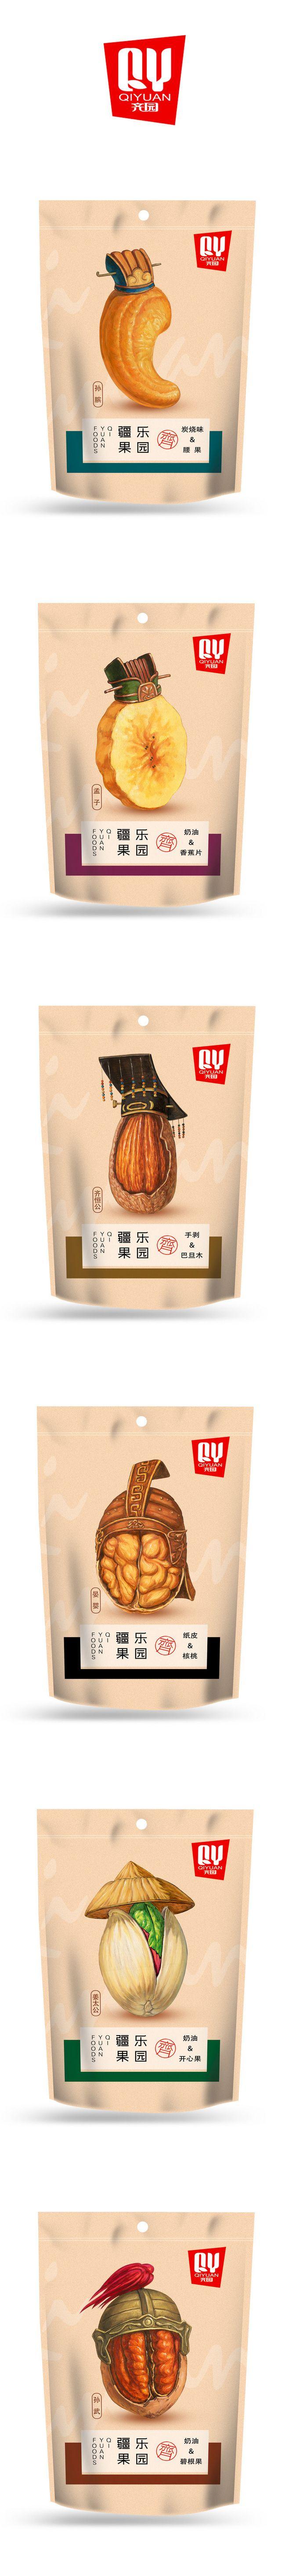 剑指线上市场,引导自然新食尚. wild fruit and nut packaging collection that I really like. PD